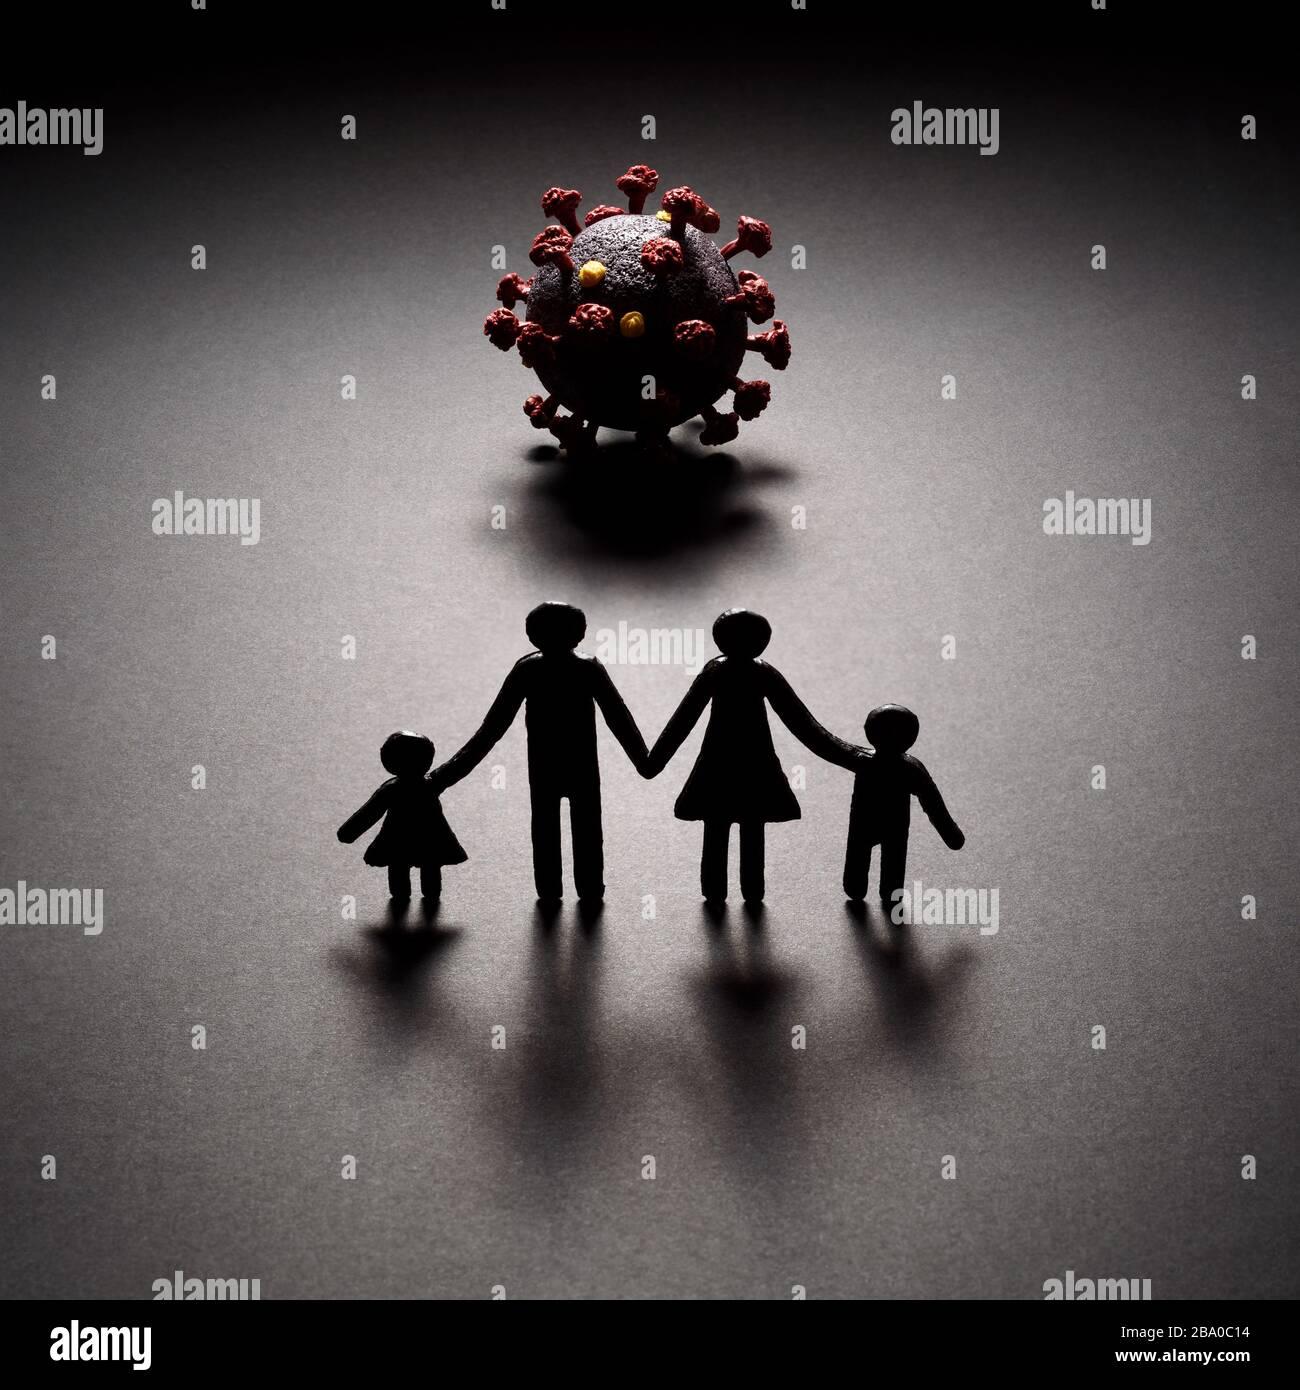 Minaccia dal nuovo Coronavirus. La pandemia COVID-19 è una sfida per ogni famiglia. Interdipendenza umana Foto Stock